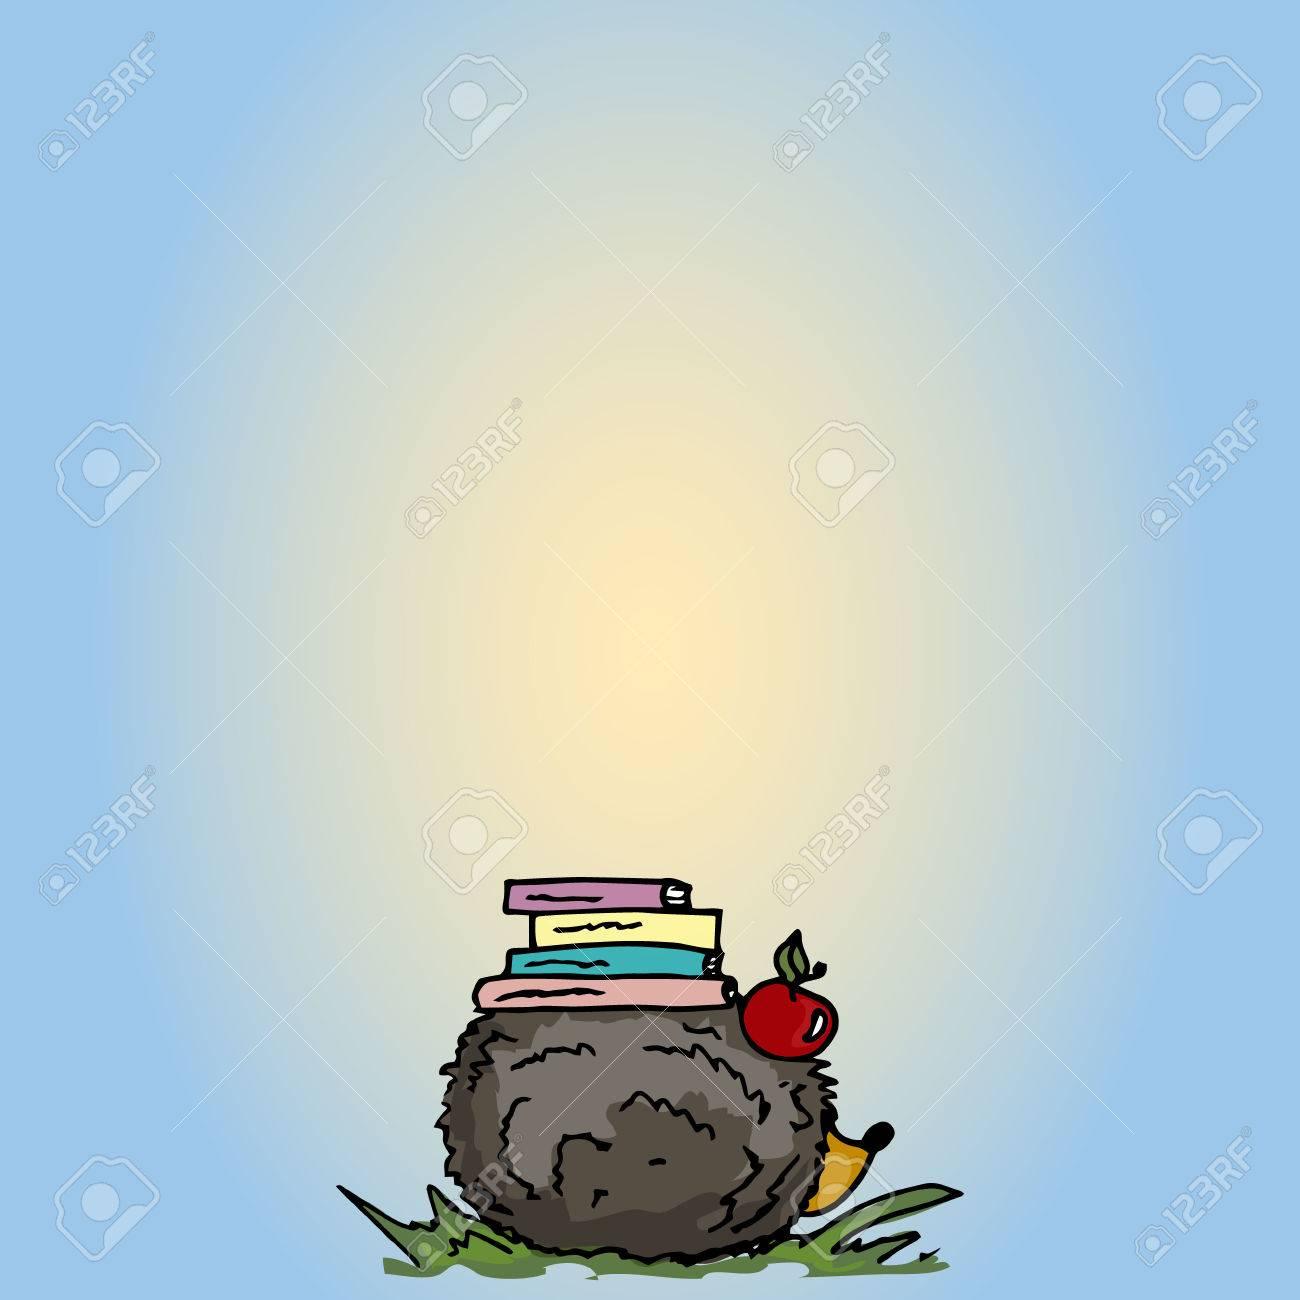 Vettoriale illustrazione riccio di cartone animato con i libri